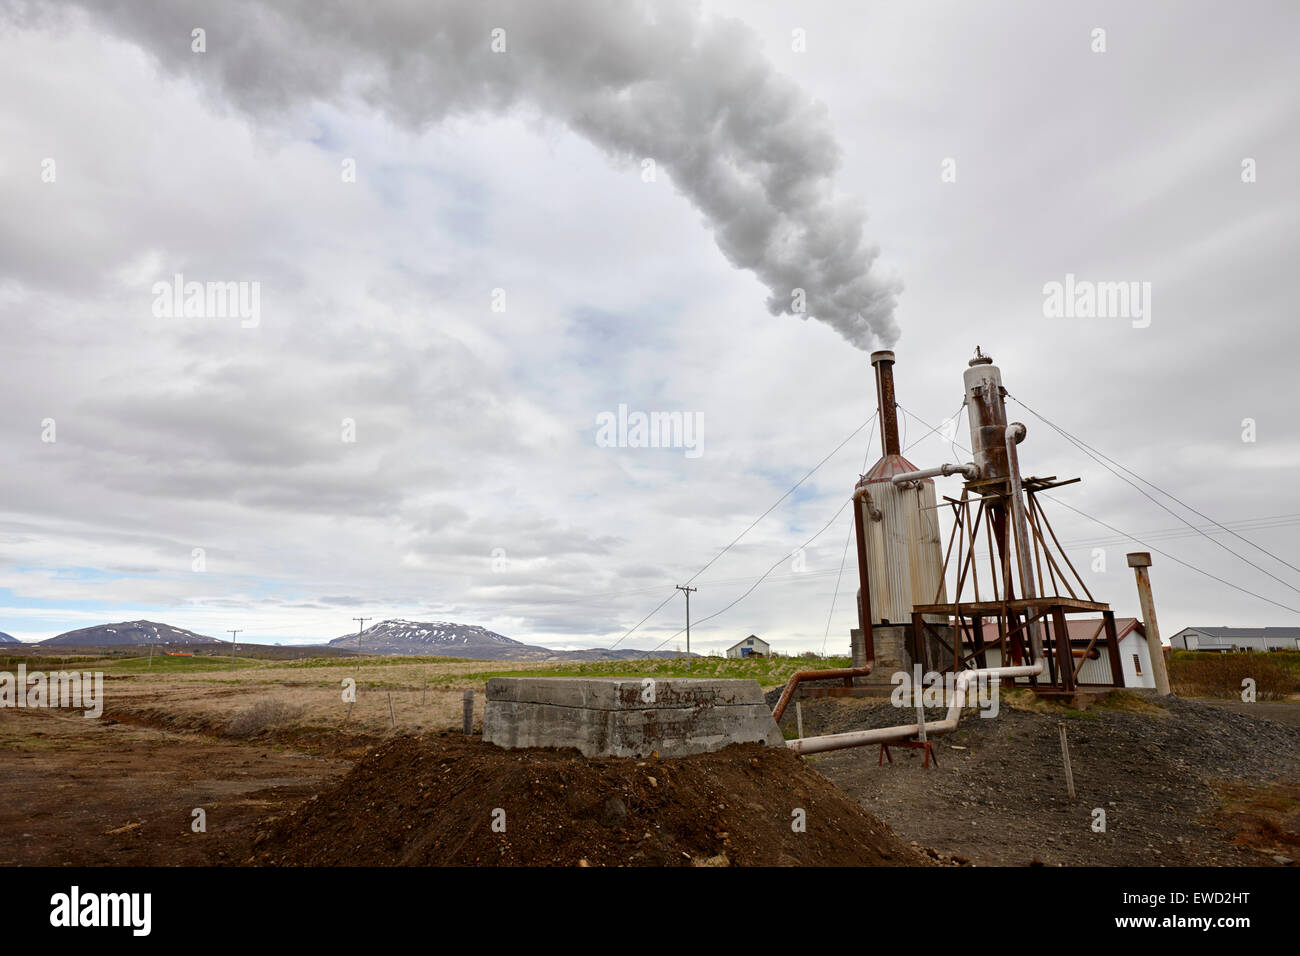 Petite communauté rurale du sud de l'usine d'énergie géothermique en Islande Photo Stock